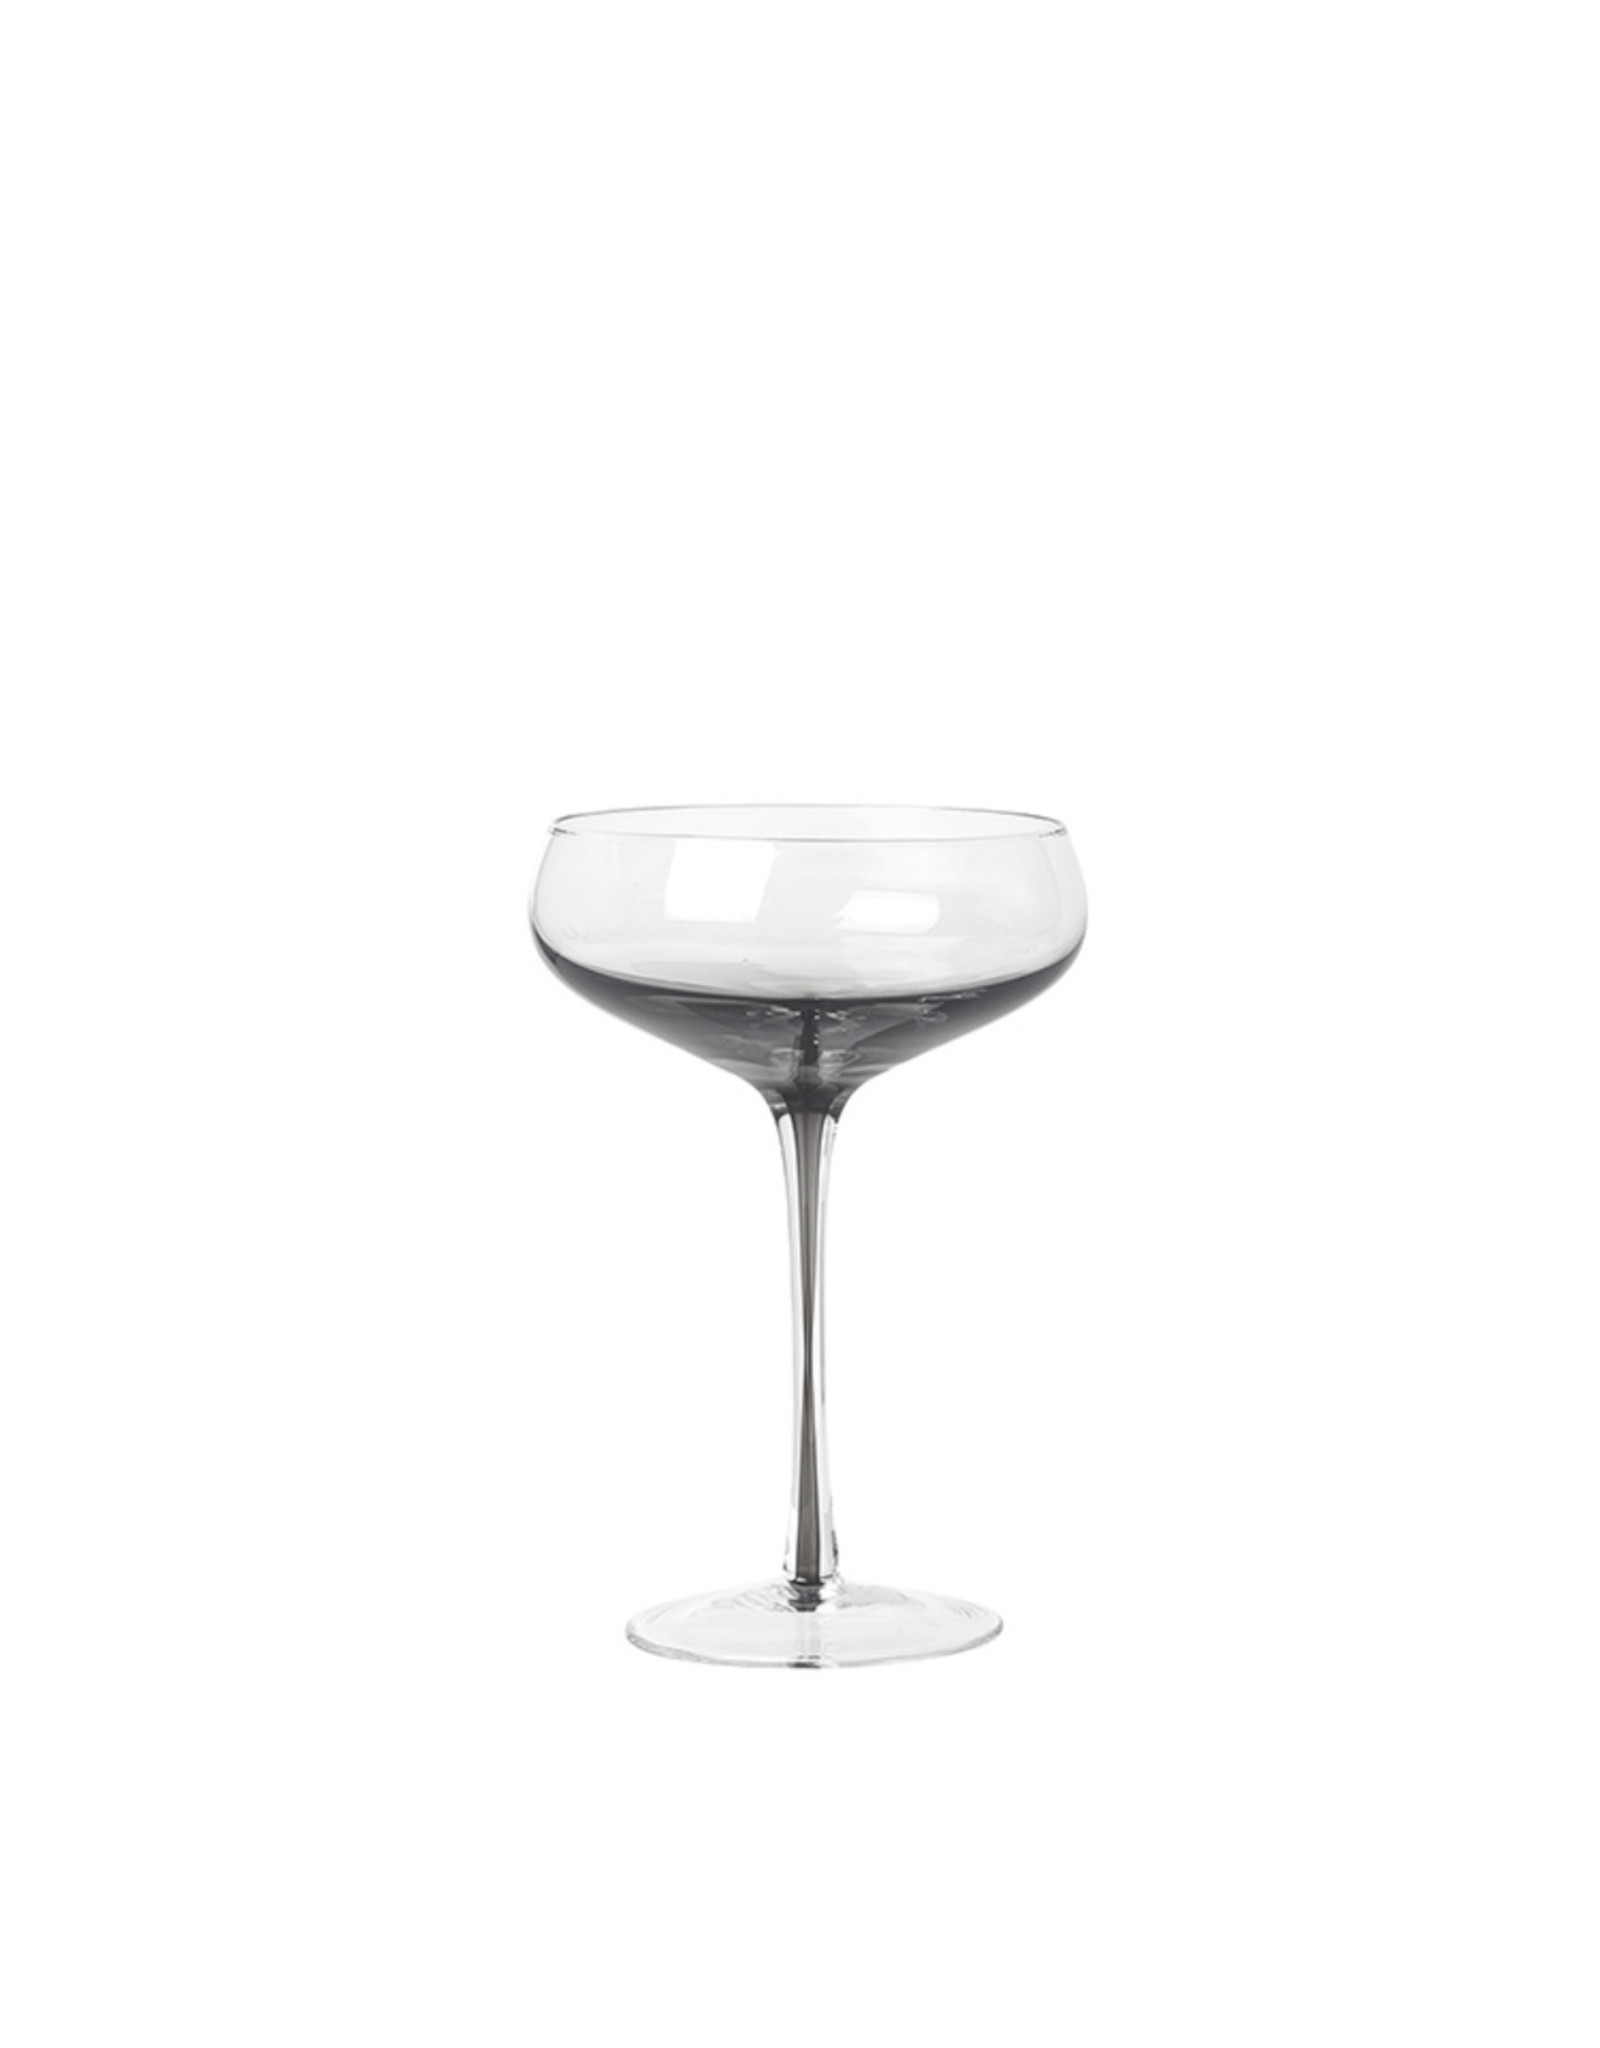 GLASS APERO